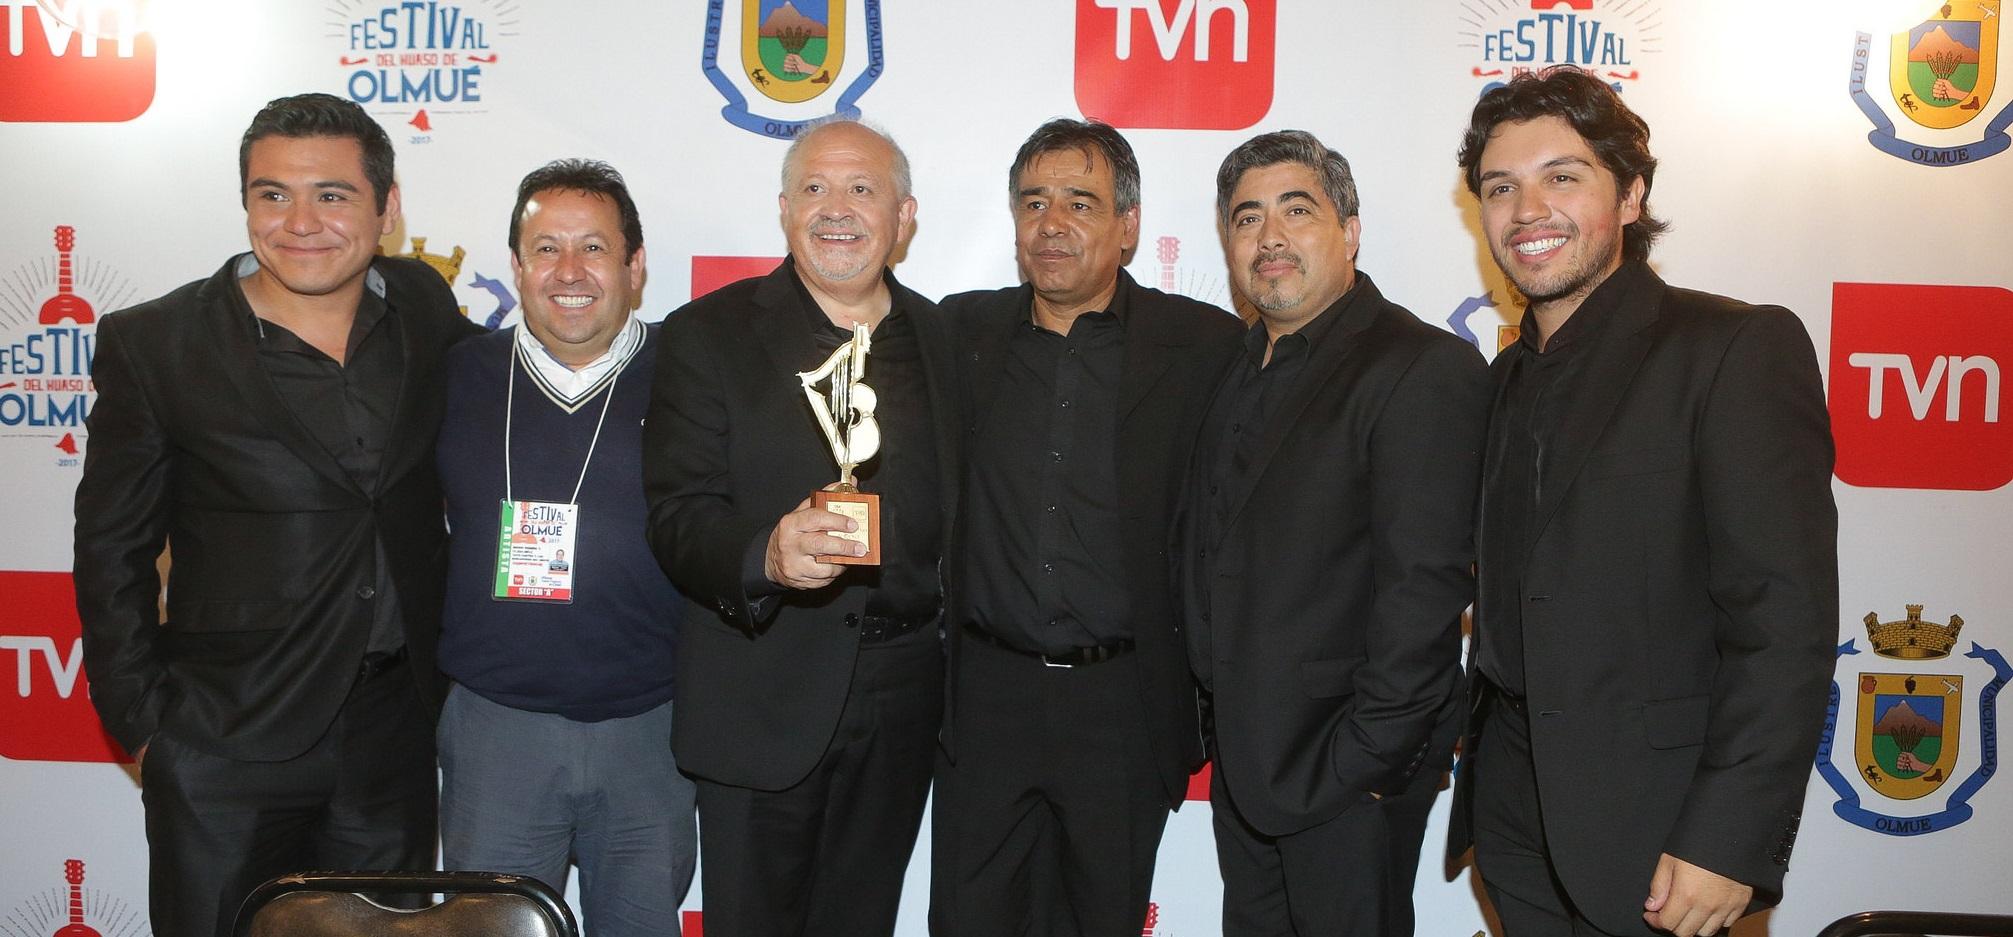 #Olmué2017: Yayo Castro y Los Surcadores del Viento son los ganadores de la competencia